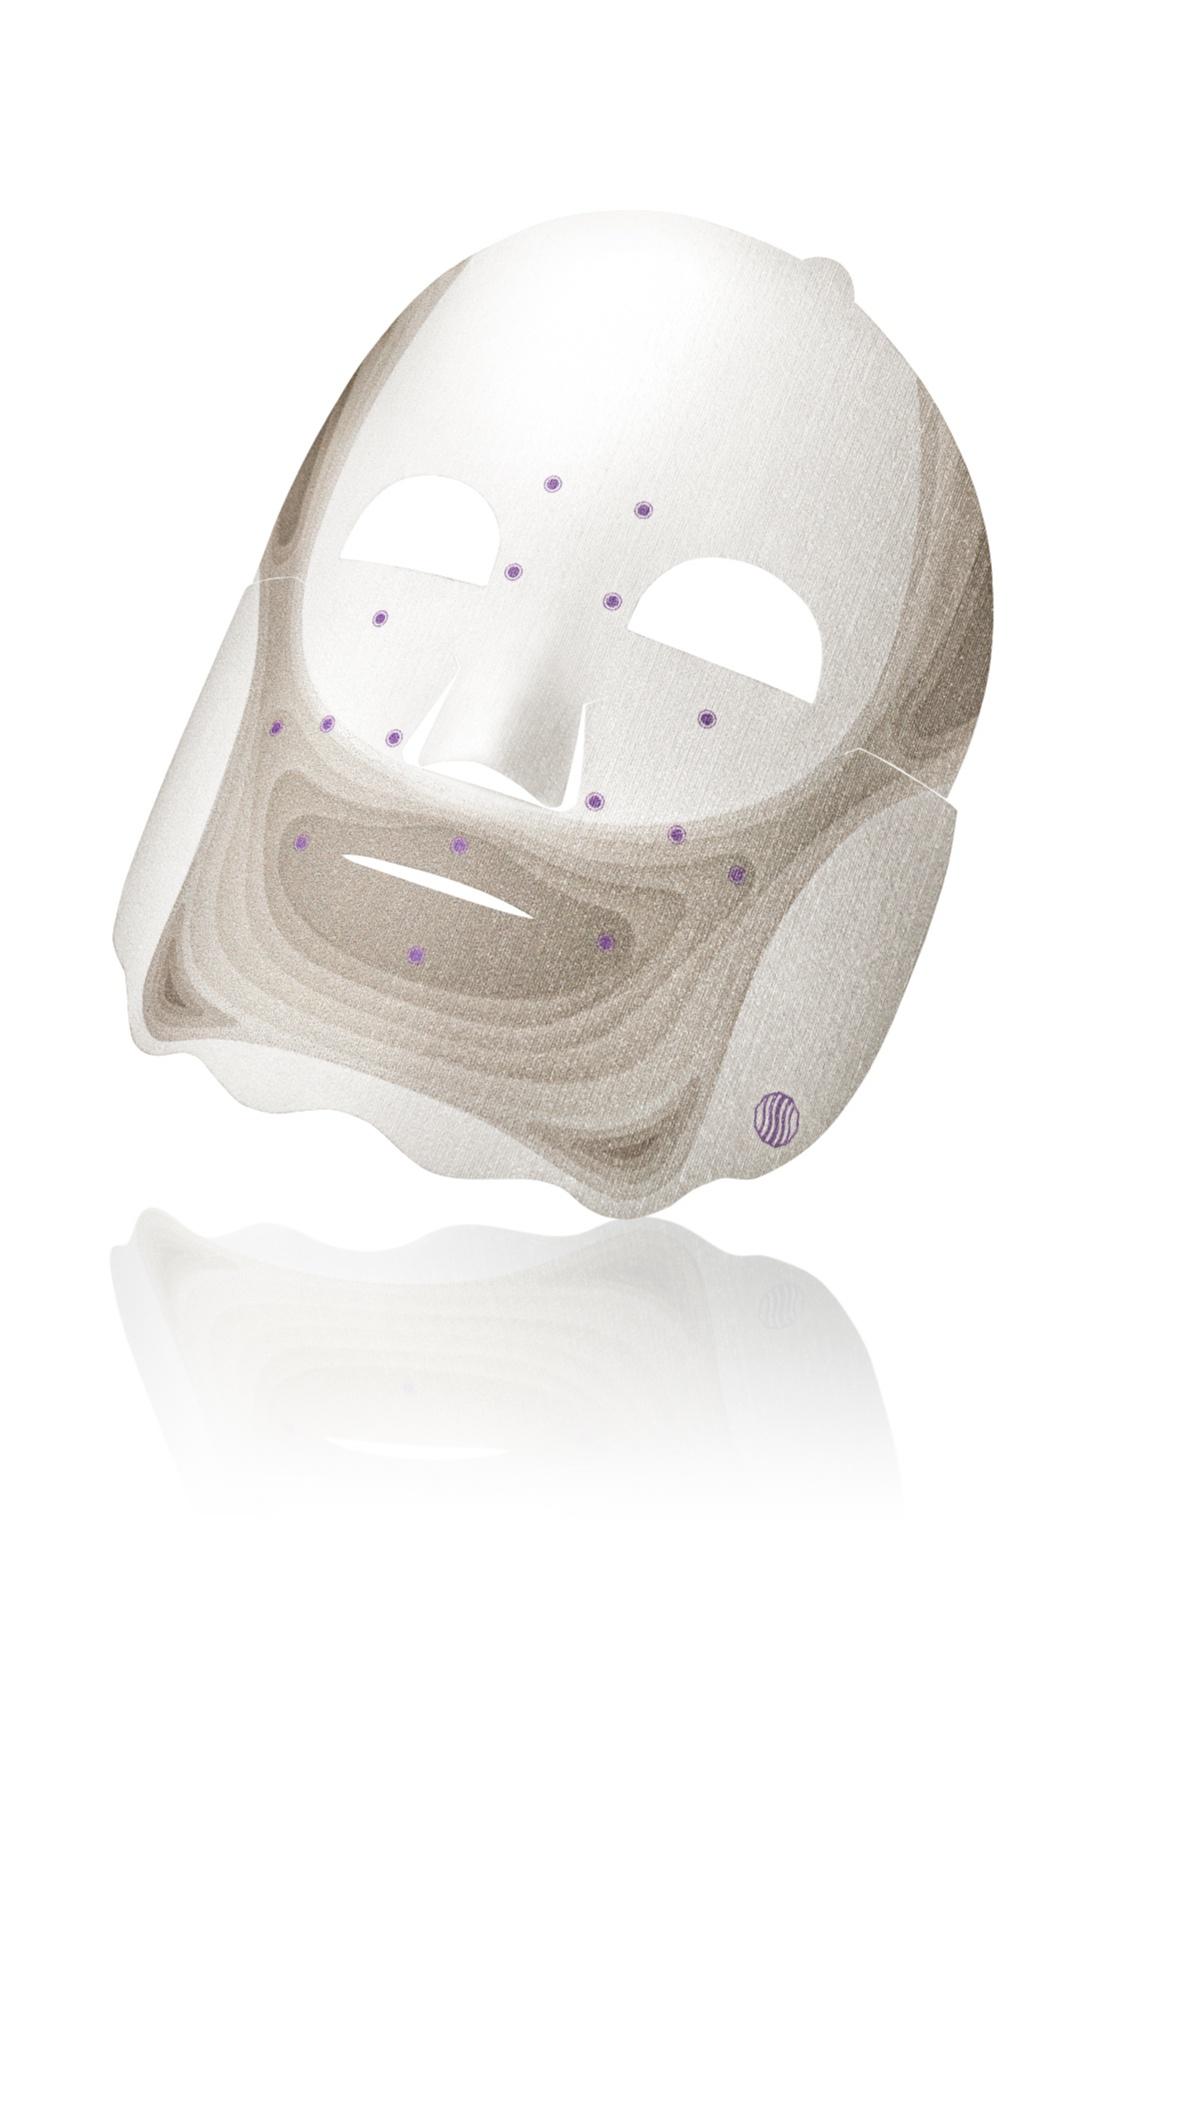 """「水曜&週末夜」がオススメ! 『フローフシ』のシートマスクなら、週2回の""""SAISEIタイム""""でもっと美しい肌に!_1_4"""